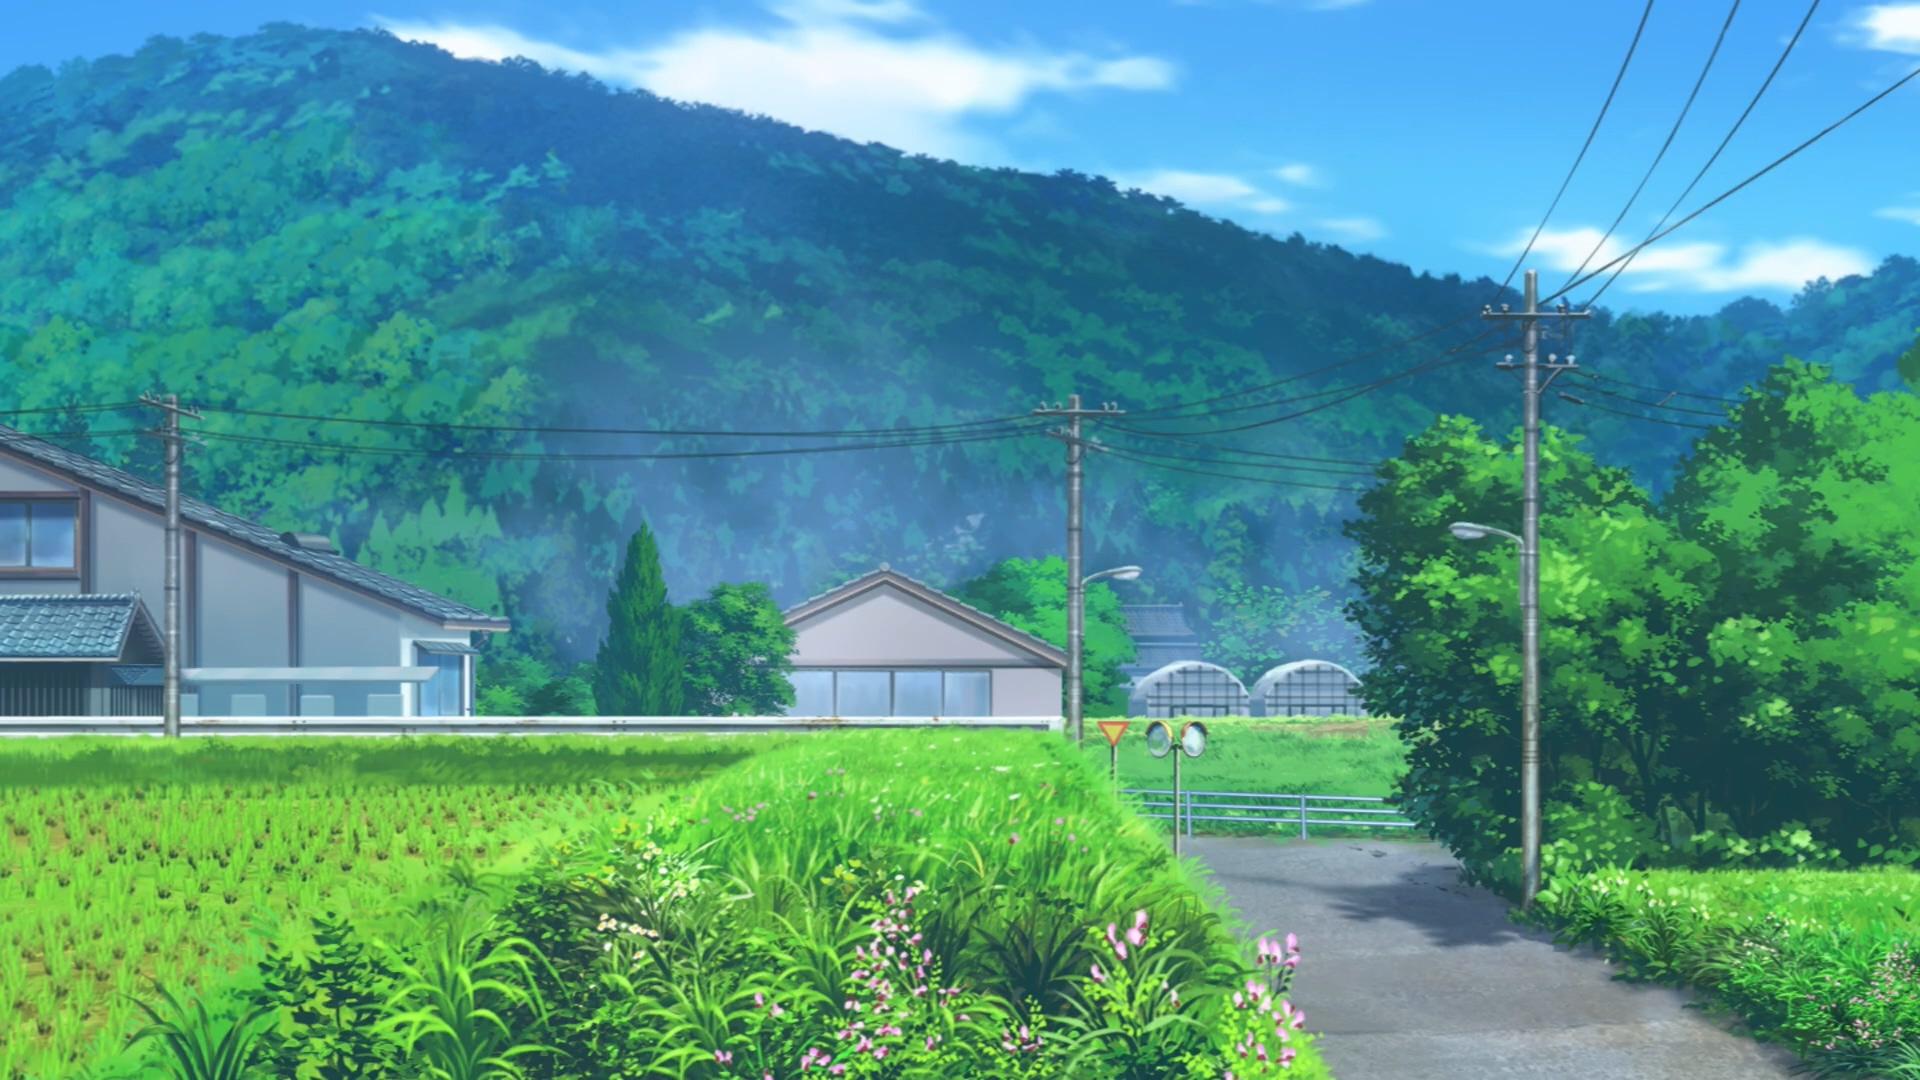 《悠哉日常大王》2021年1月10日放映 少女们在风景优美乡下学校的悠哉日常生活